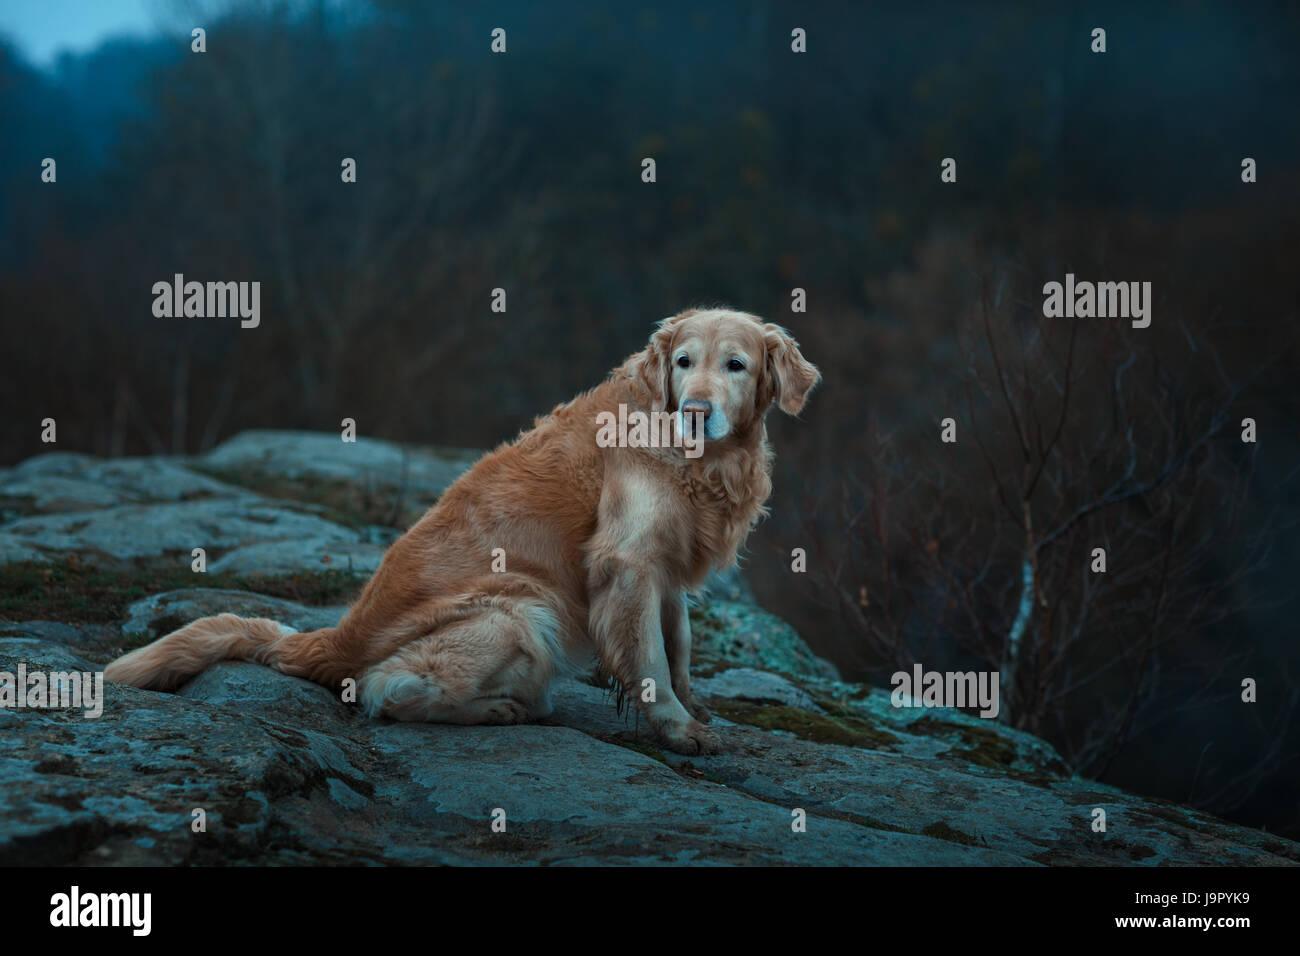 Große rote und trauriger Hund.  Es befindet sich am Rande des Abgrunds. Stockbild